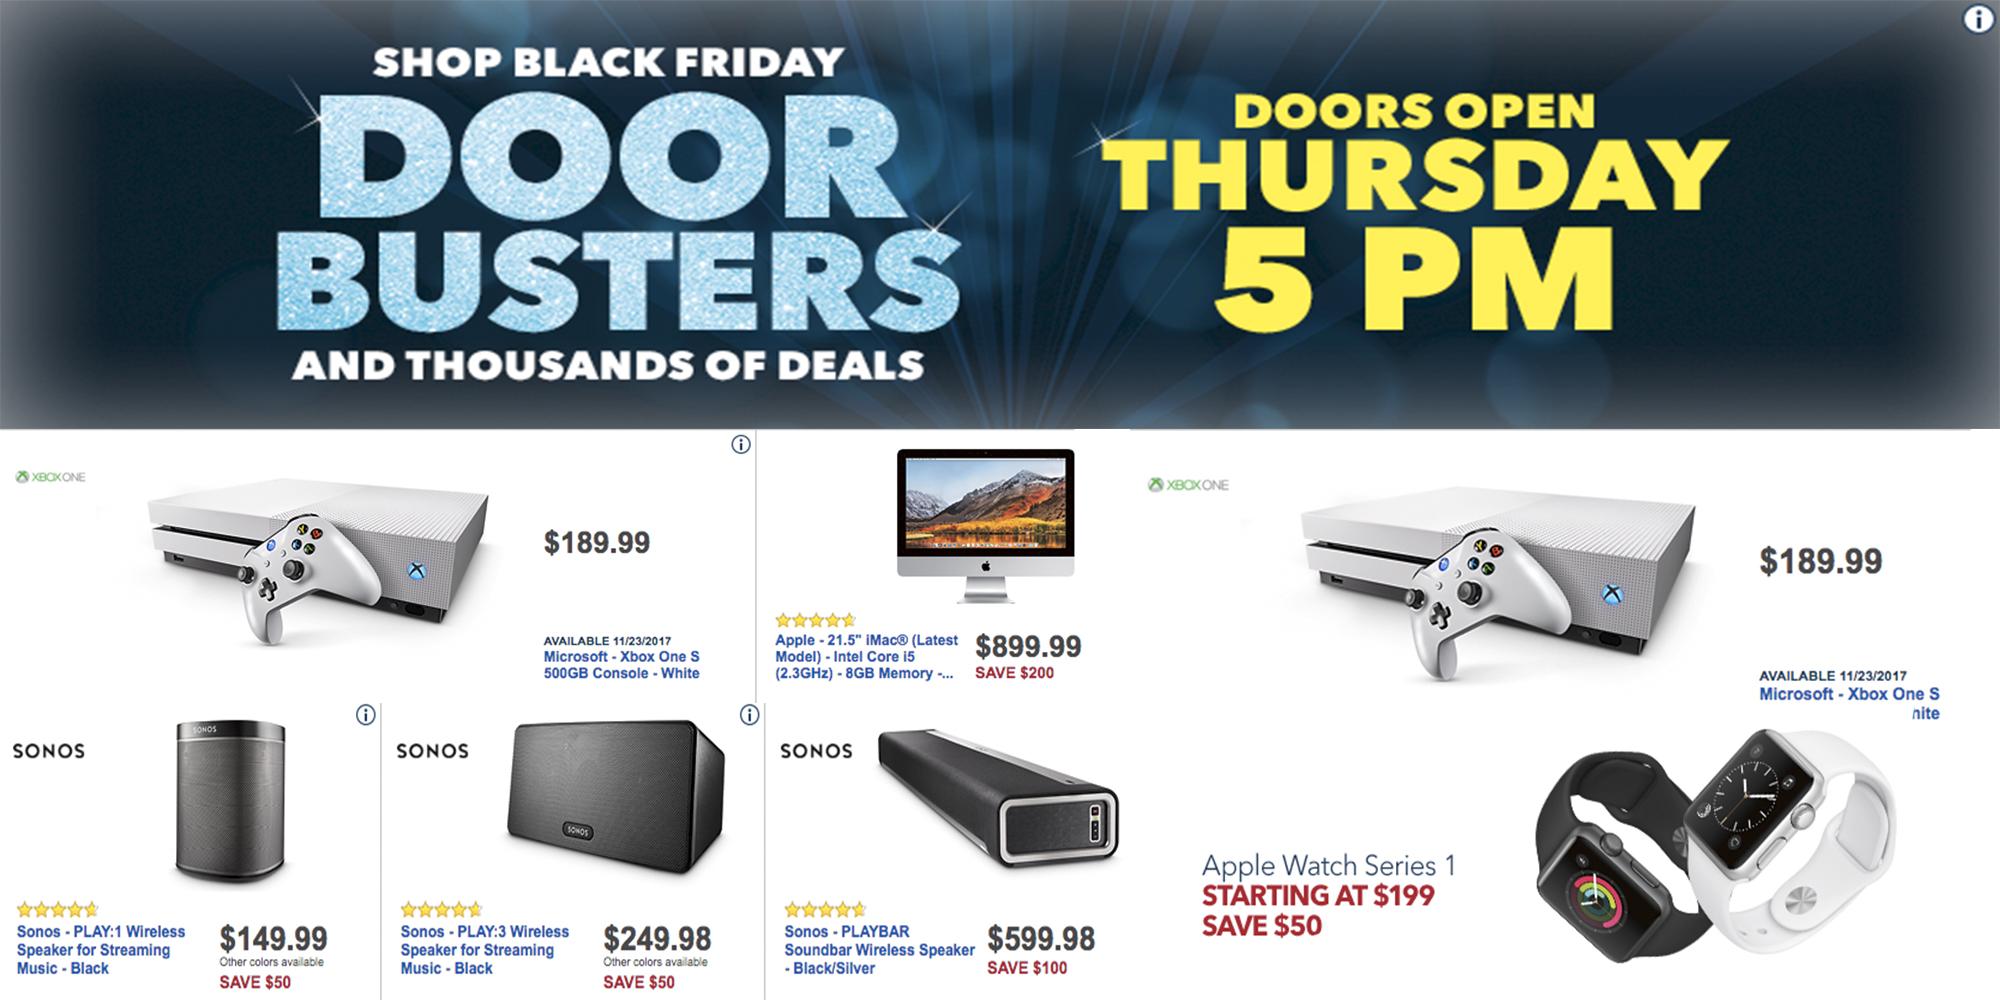 Best Buy's Black Friday deals